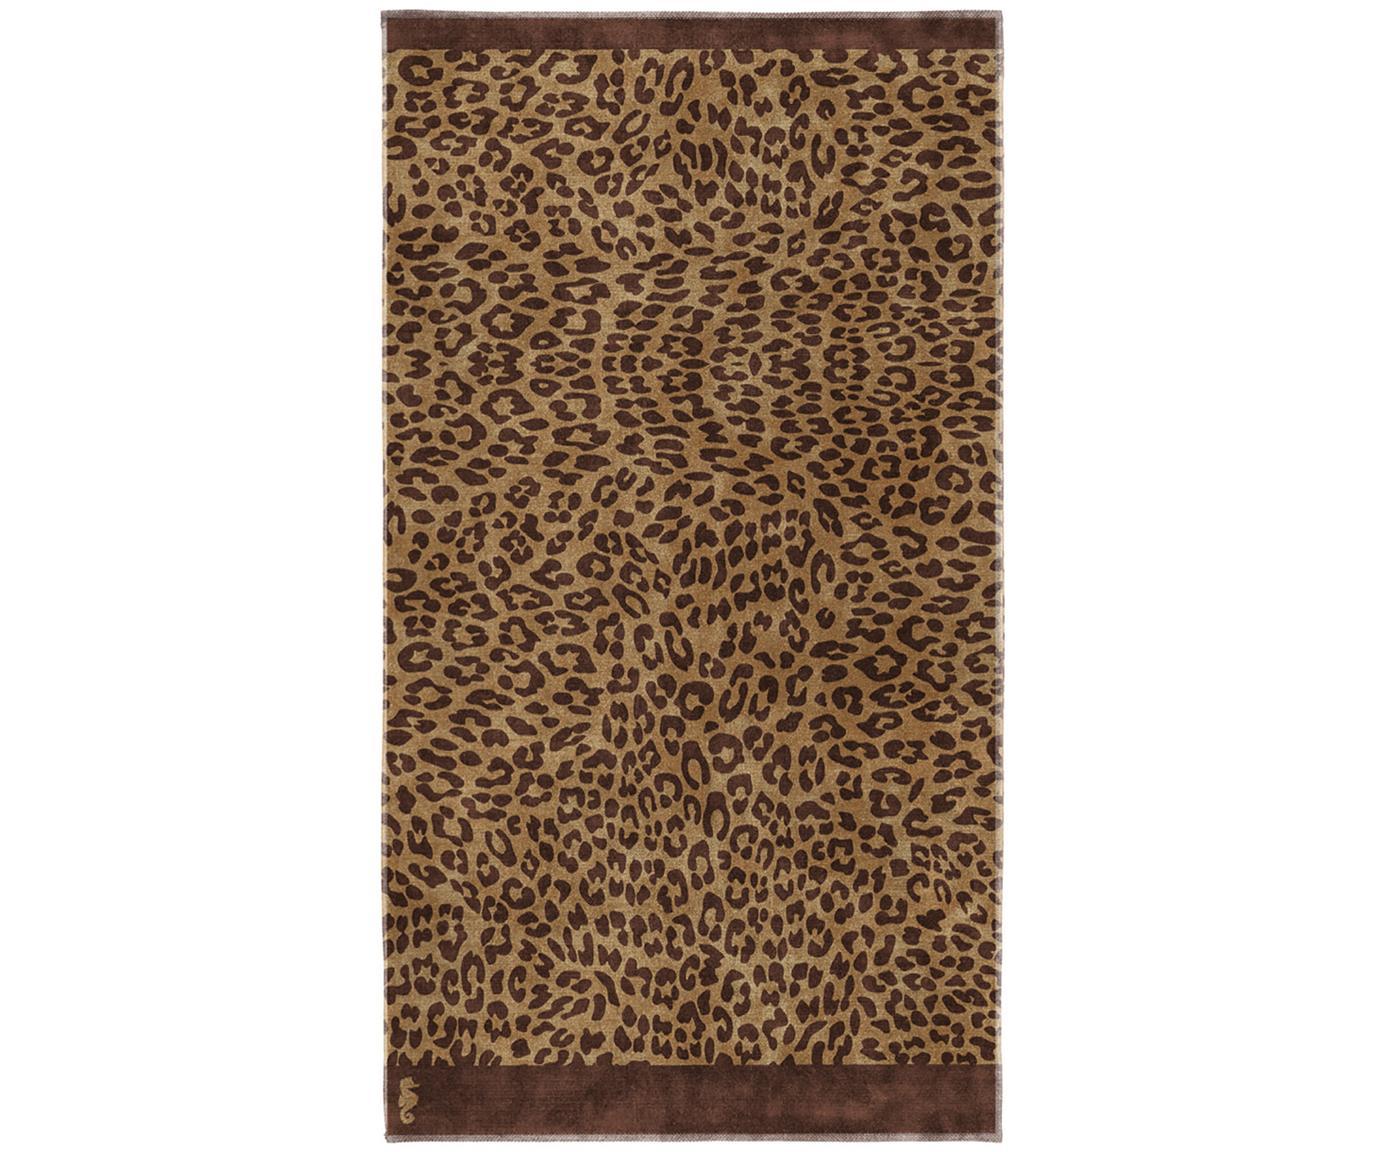 Ręcznik plażowy Jaguar, Egipska bawełna, średnia gramatura 420 g/m, Beżowy, brązowy, S 100 x D 180 cm